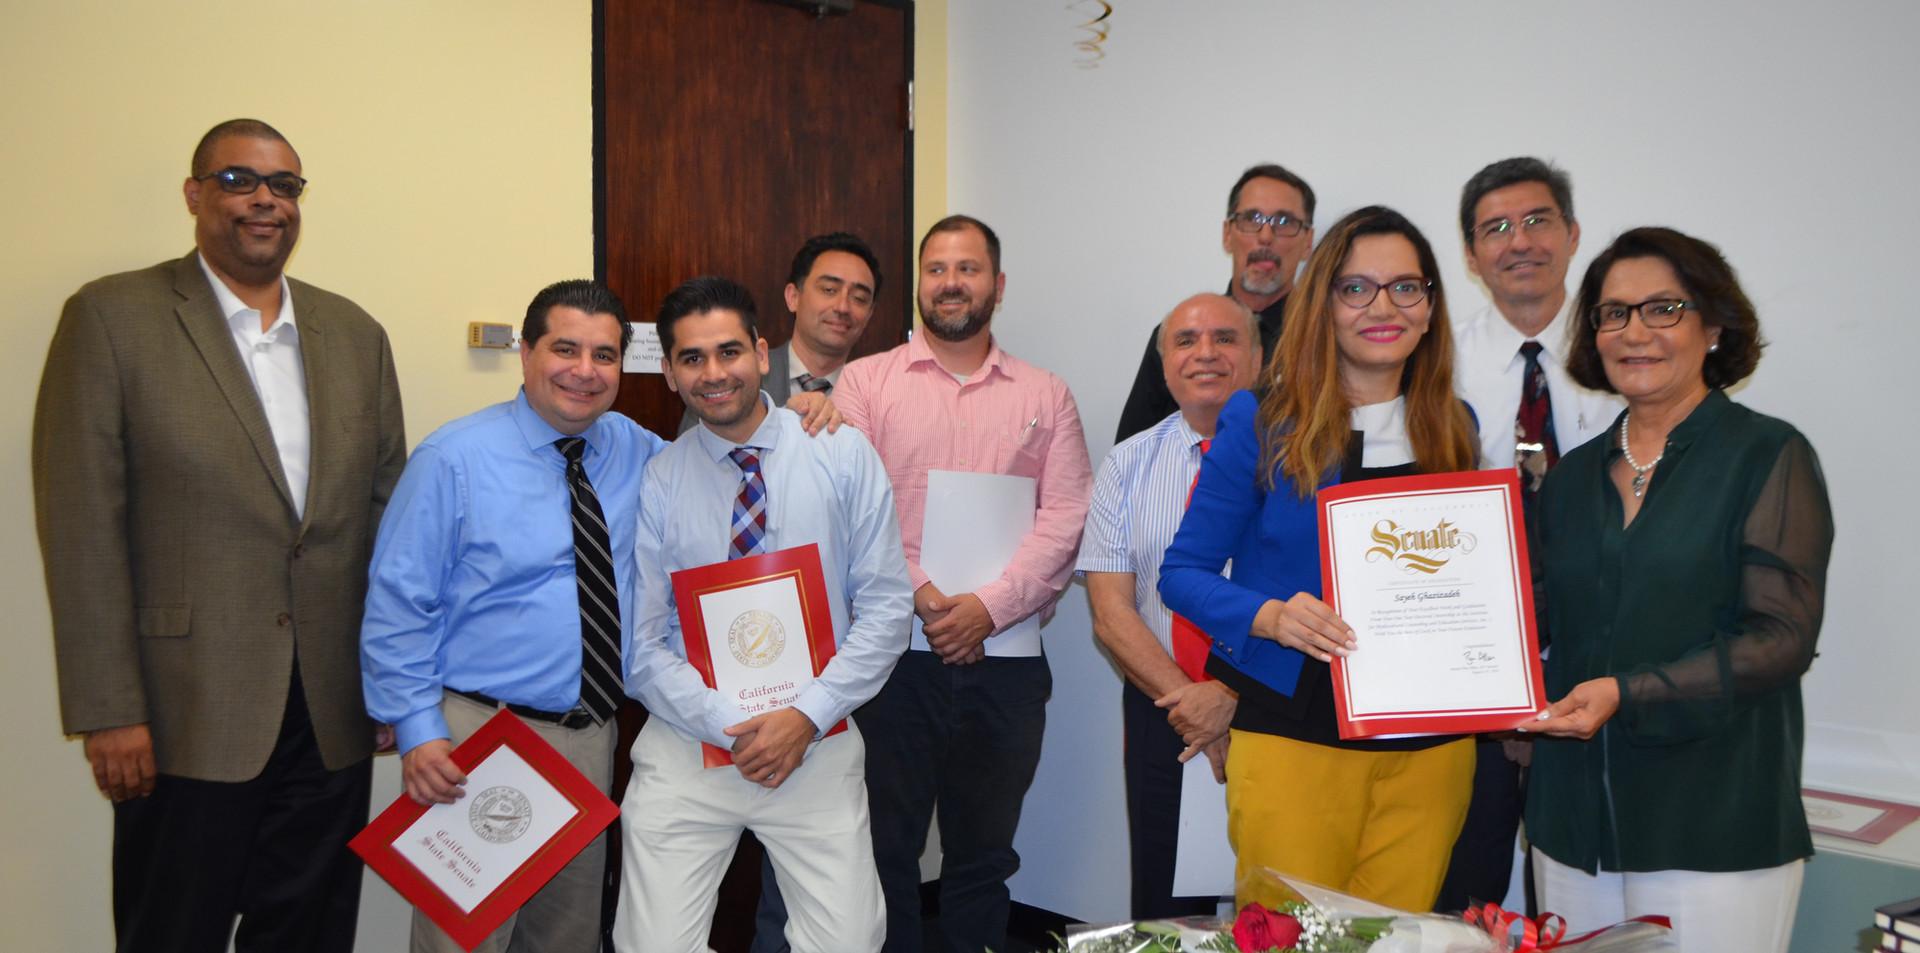 IMCES Doctoral Intern Graduation 2018